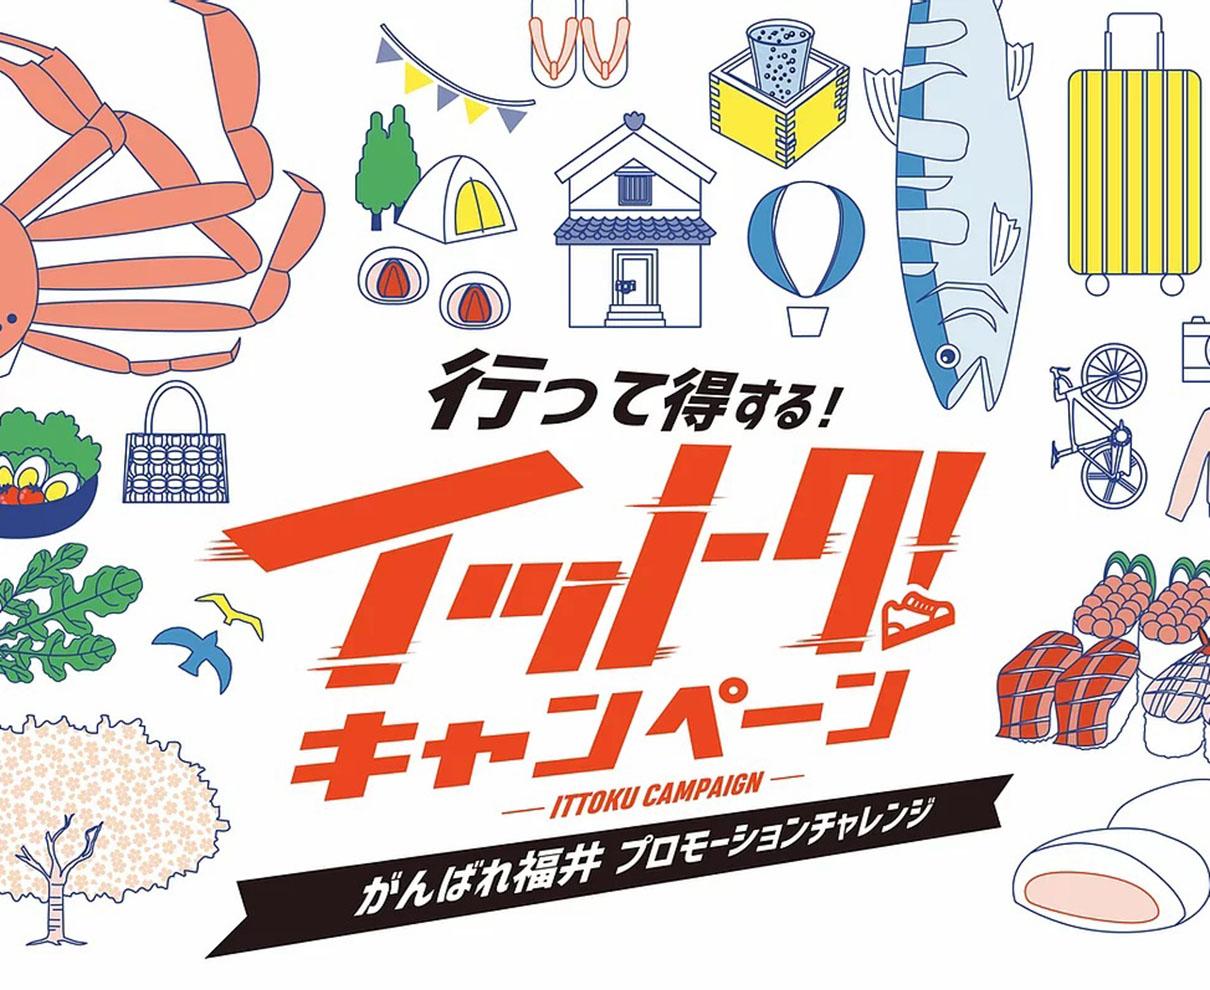 【~3/31】がんばれ福井「イットクキャンペーン」開催中!! 参加店50店舗のお得な特典が満載!!!